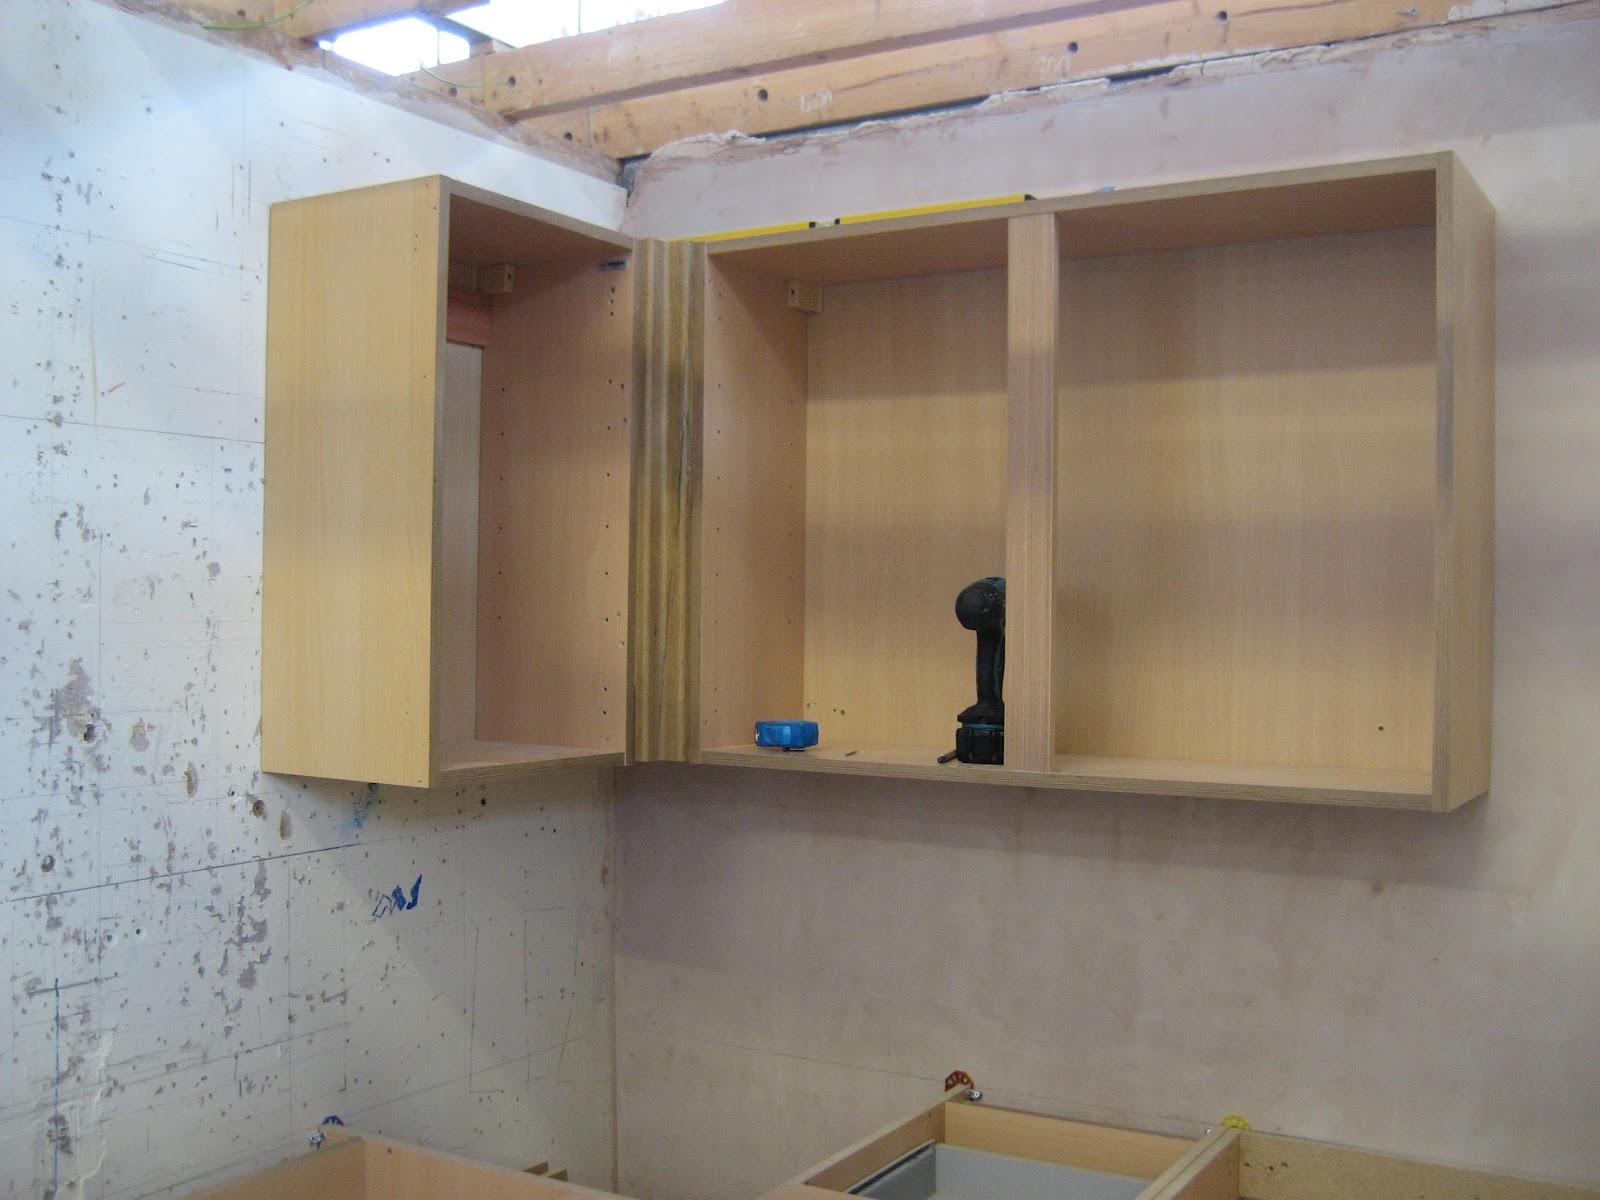 How to adjust kitchen cabinet hinges for Adjusting hinges on kitchen cabinets